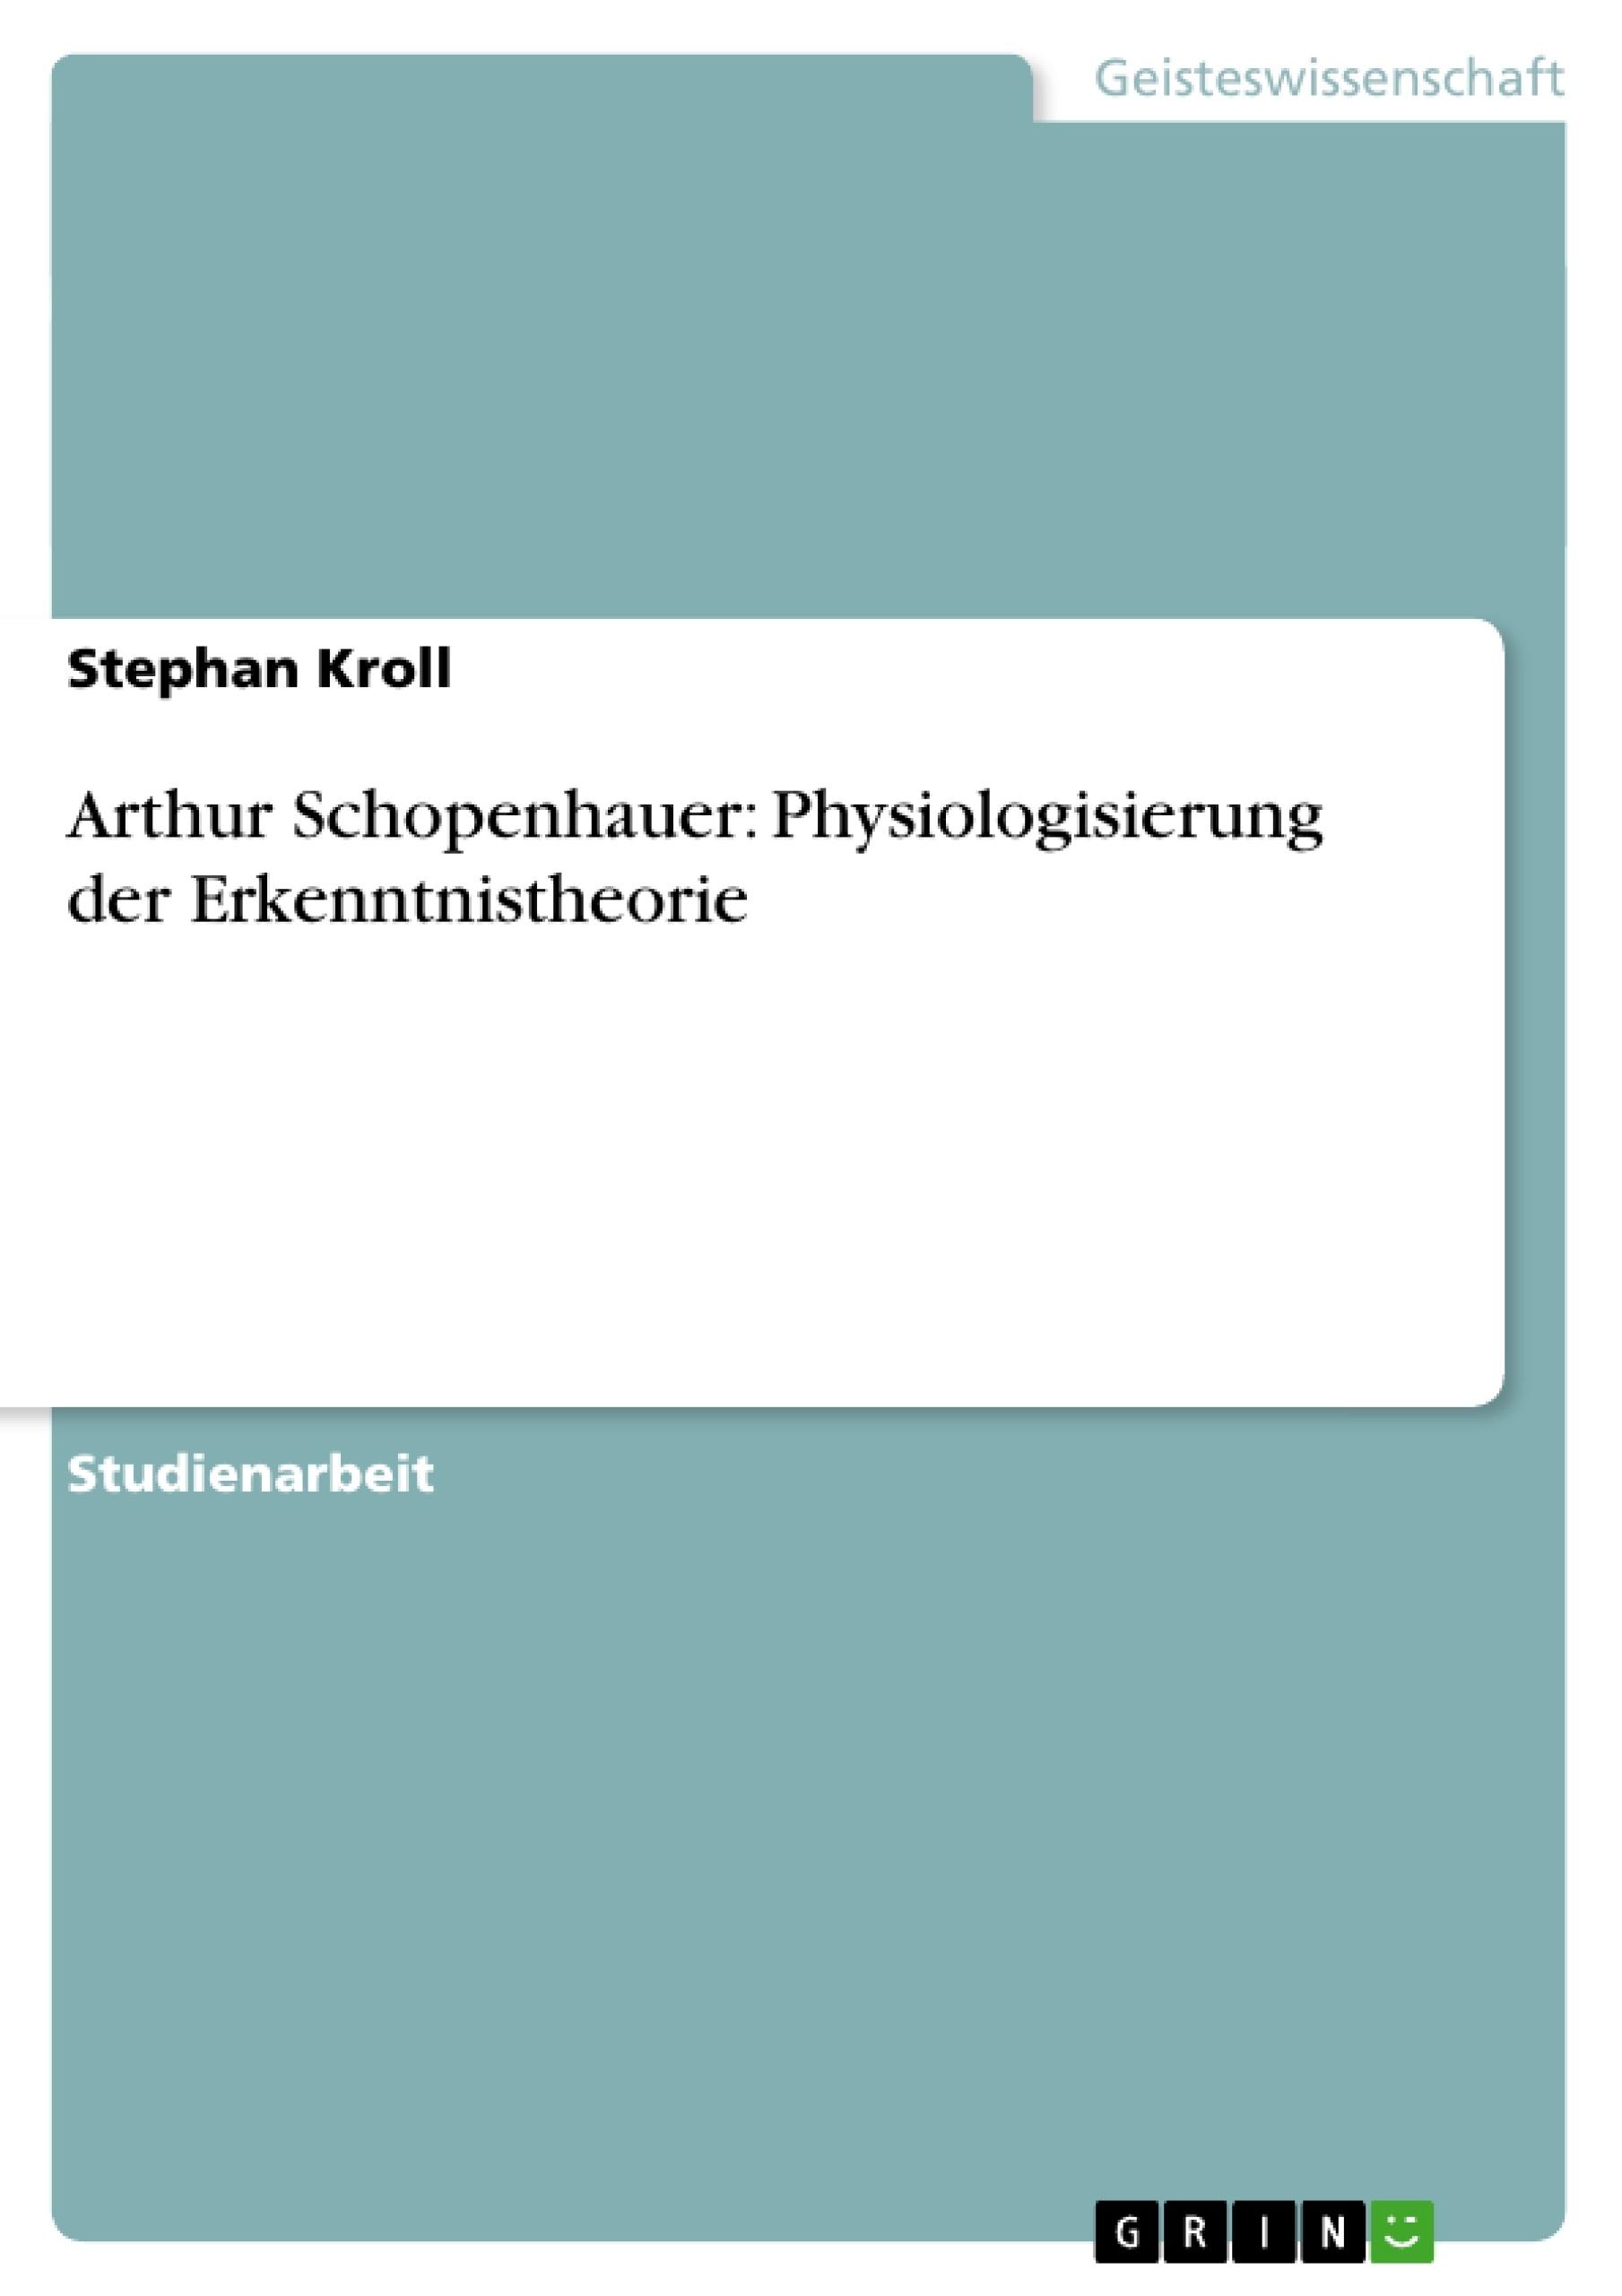 Titel: Arthur Schopenhauer: Physiologisierung der Erkenntnistheorie